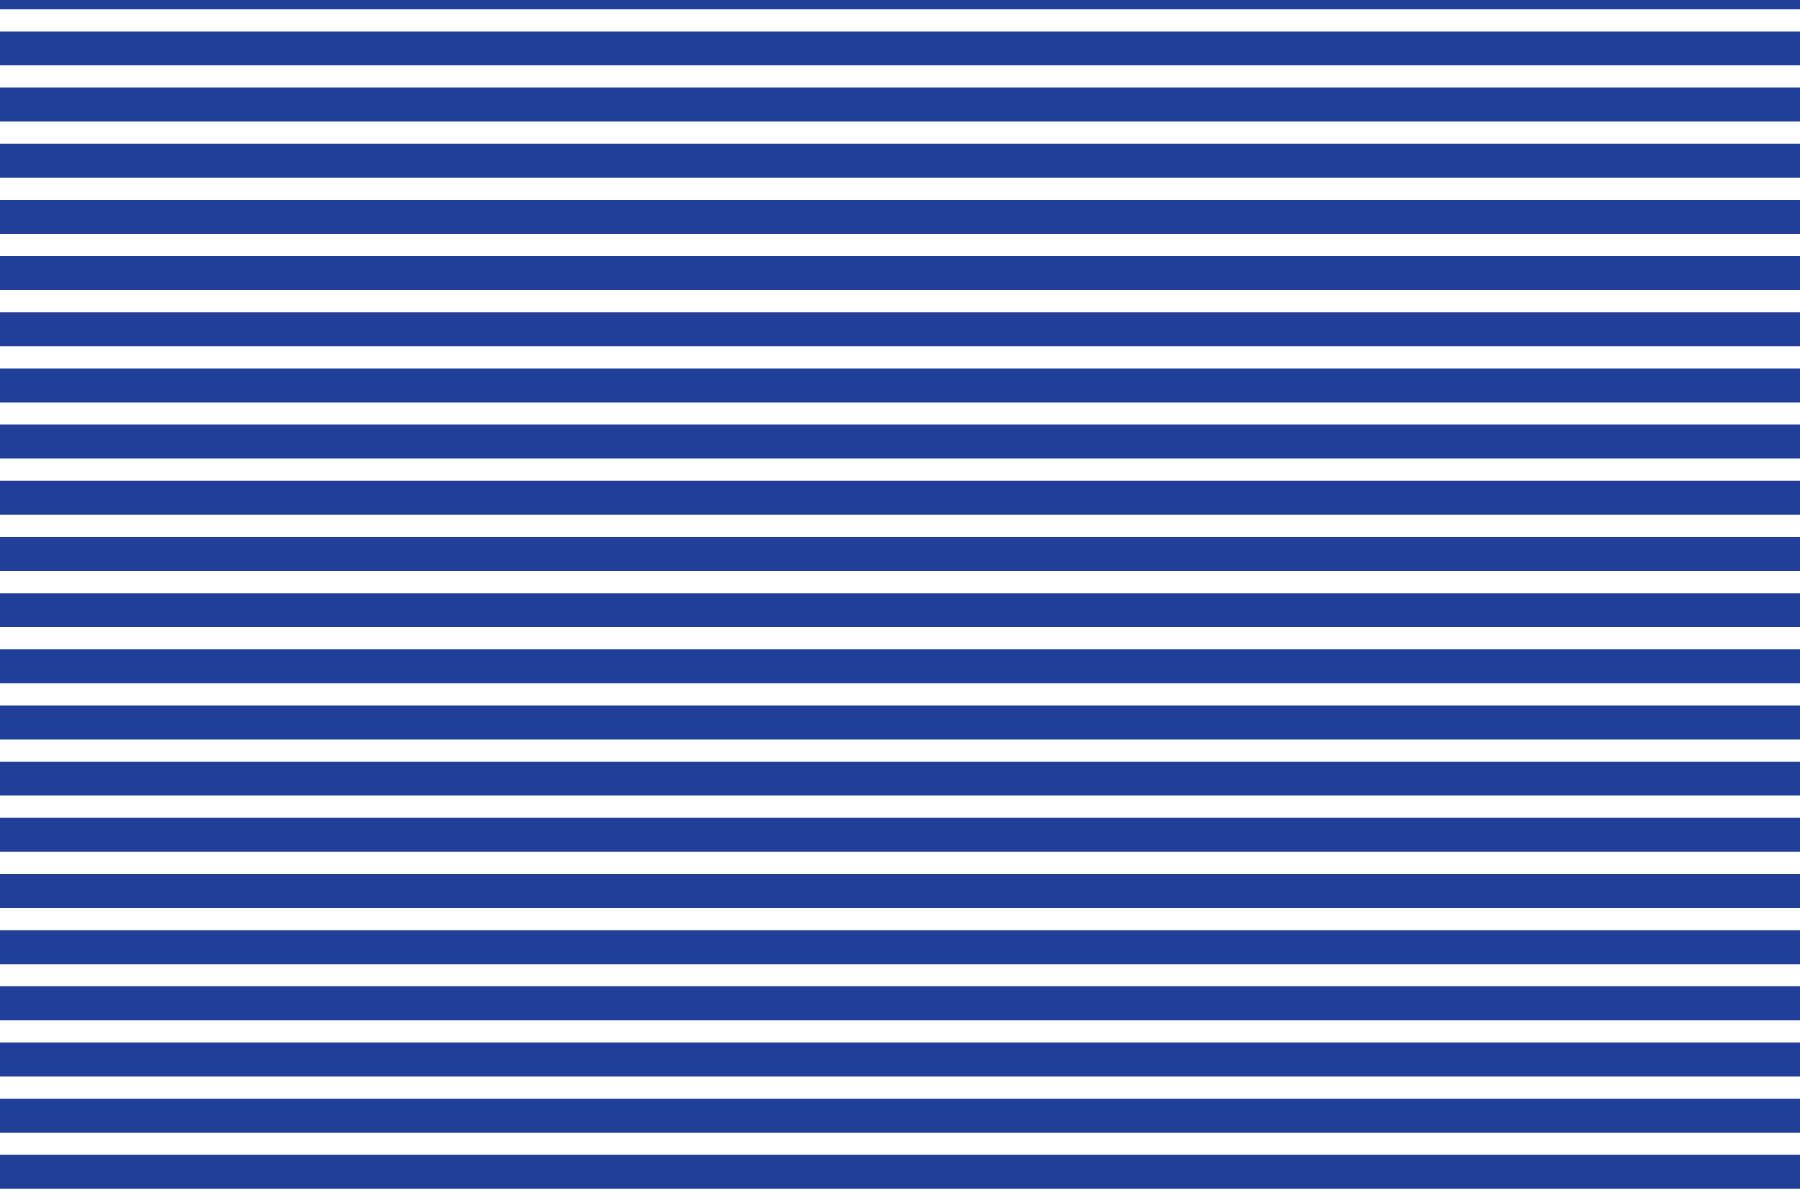 Horizontal Stripe-01.jpg